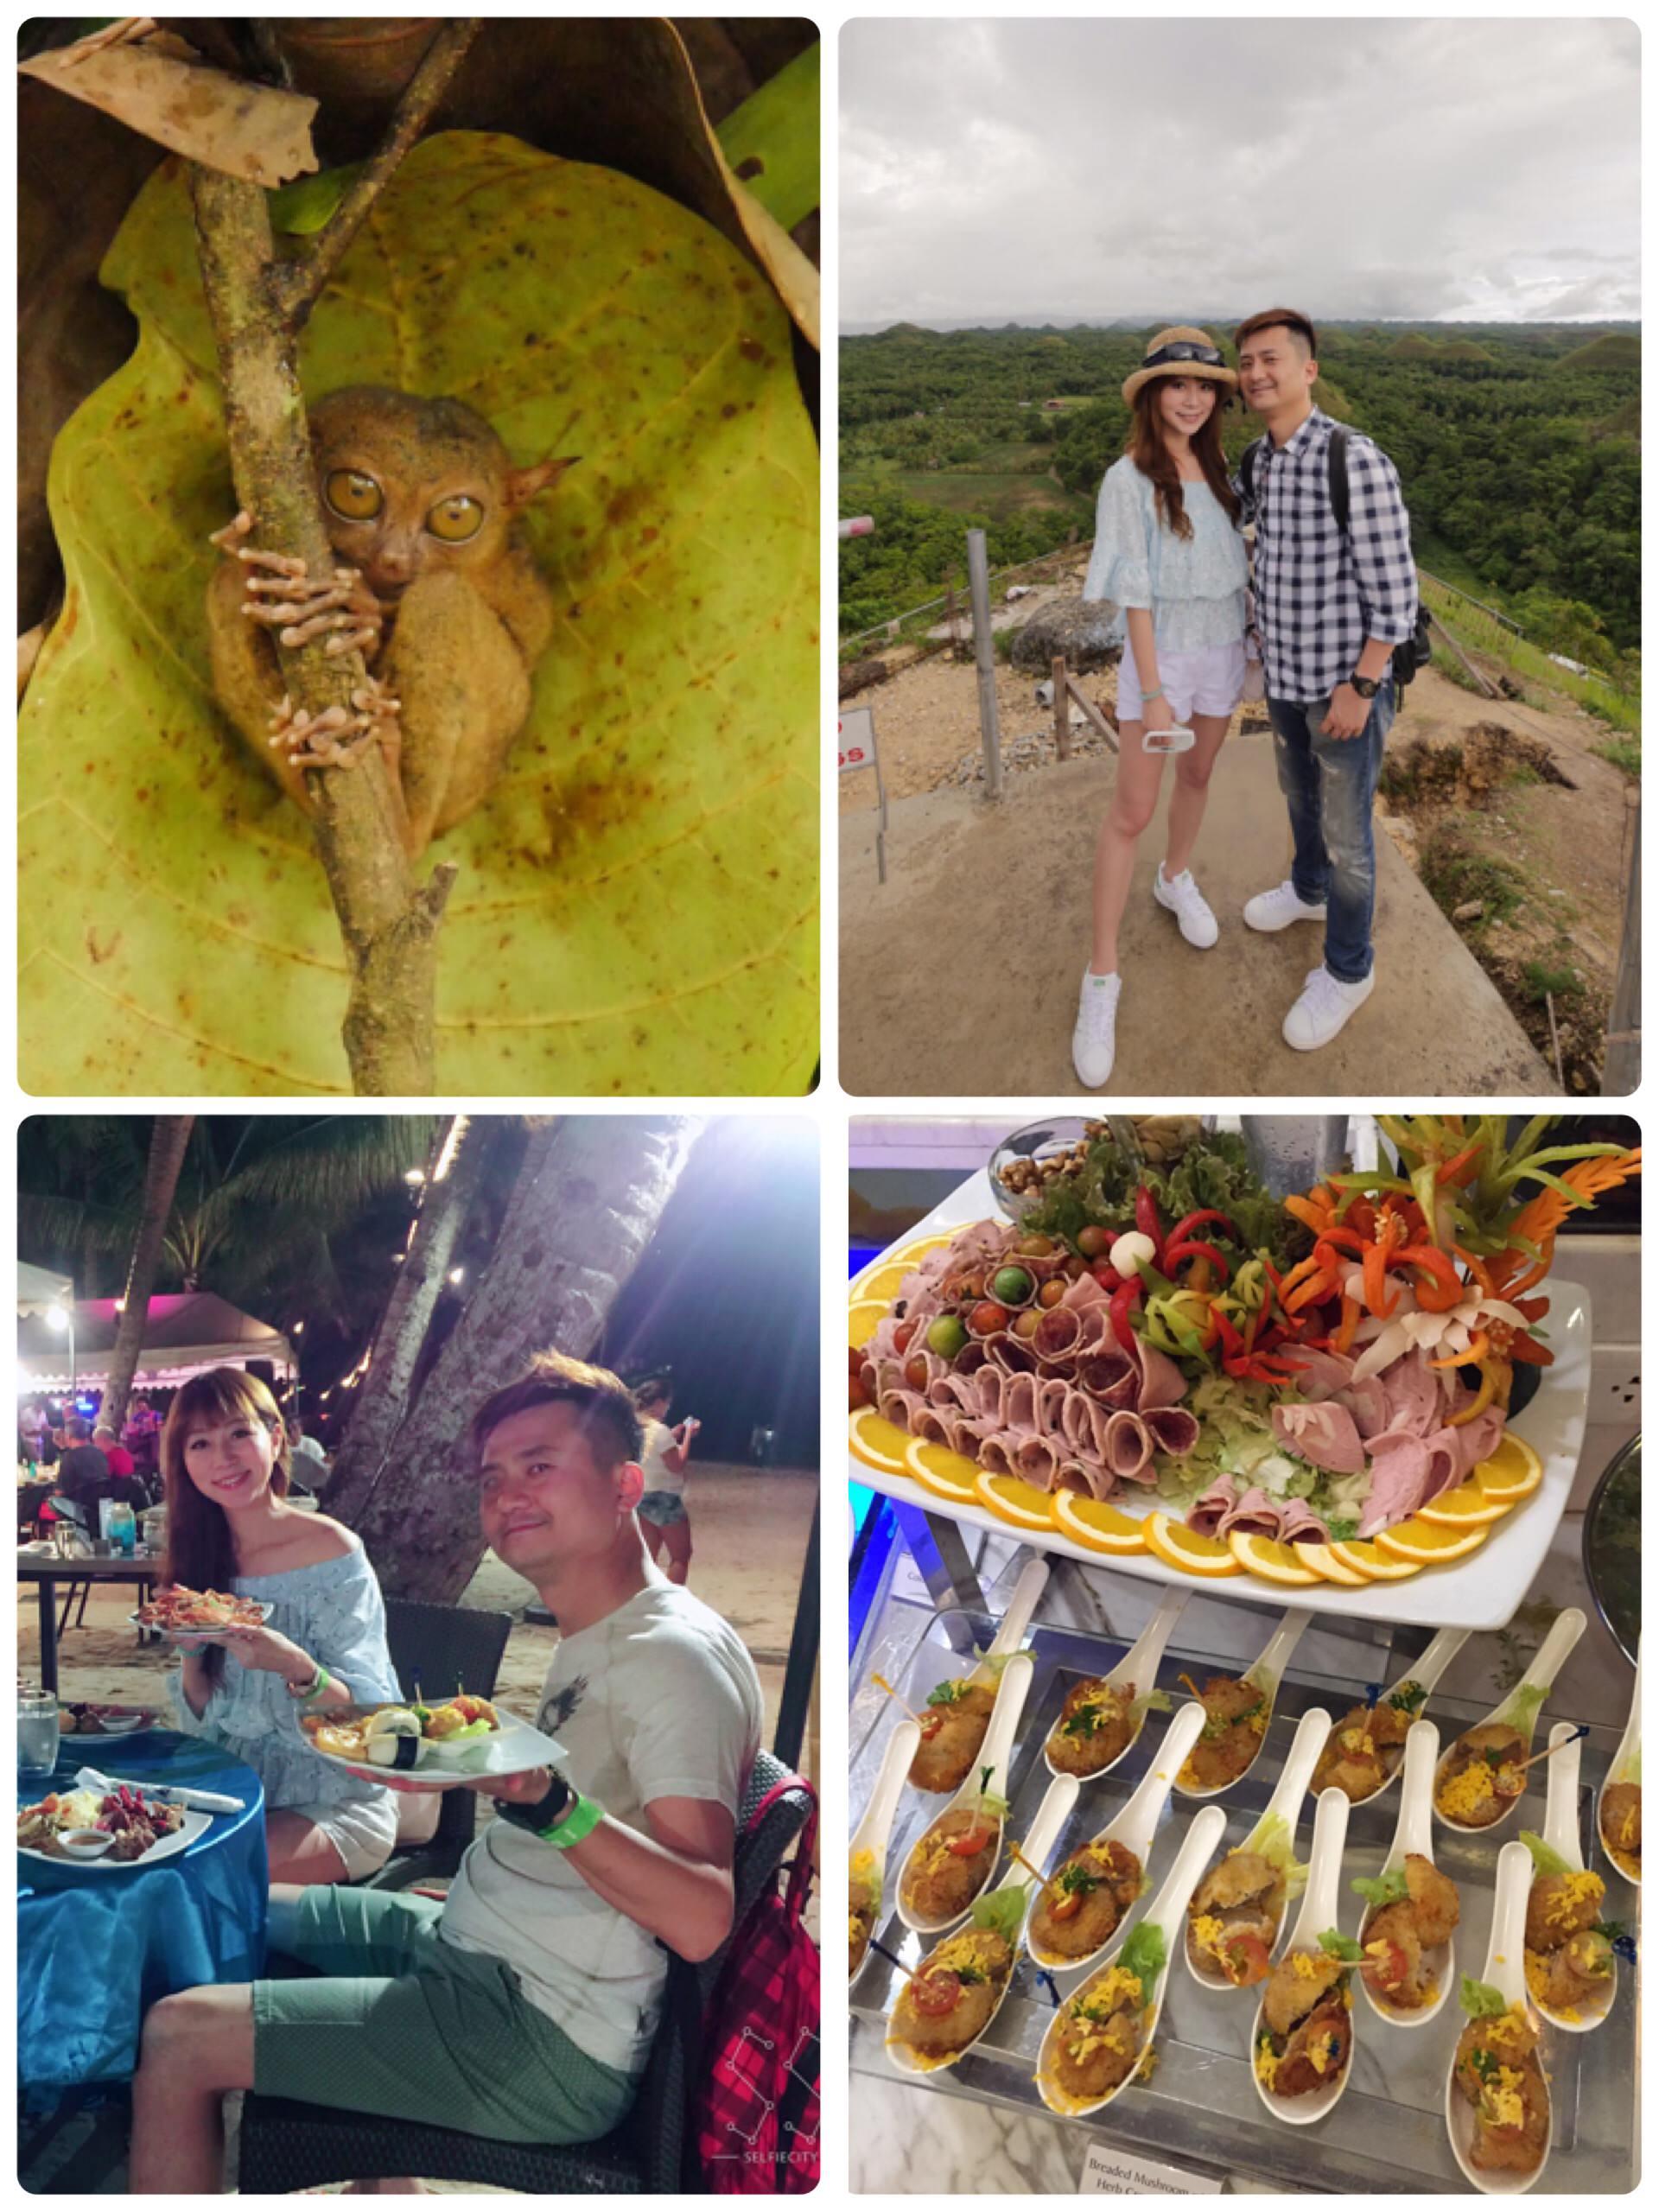 宿霧薄荷島人氣行程Park 1♥漂流竹筏午餐+巧克力山觀景坪+尋訪眼鏡猴的家+浪漫沙灘BBQ晚宴♥